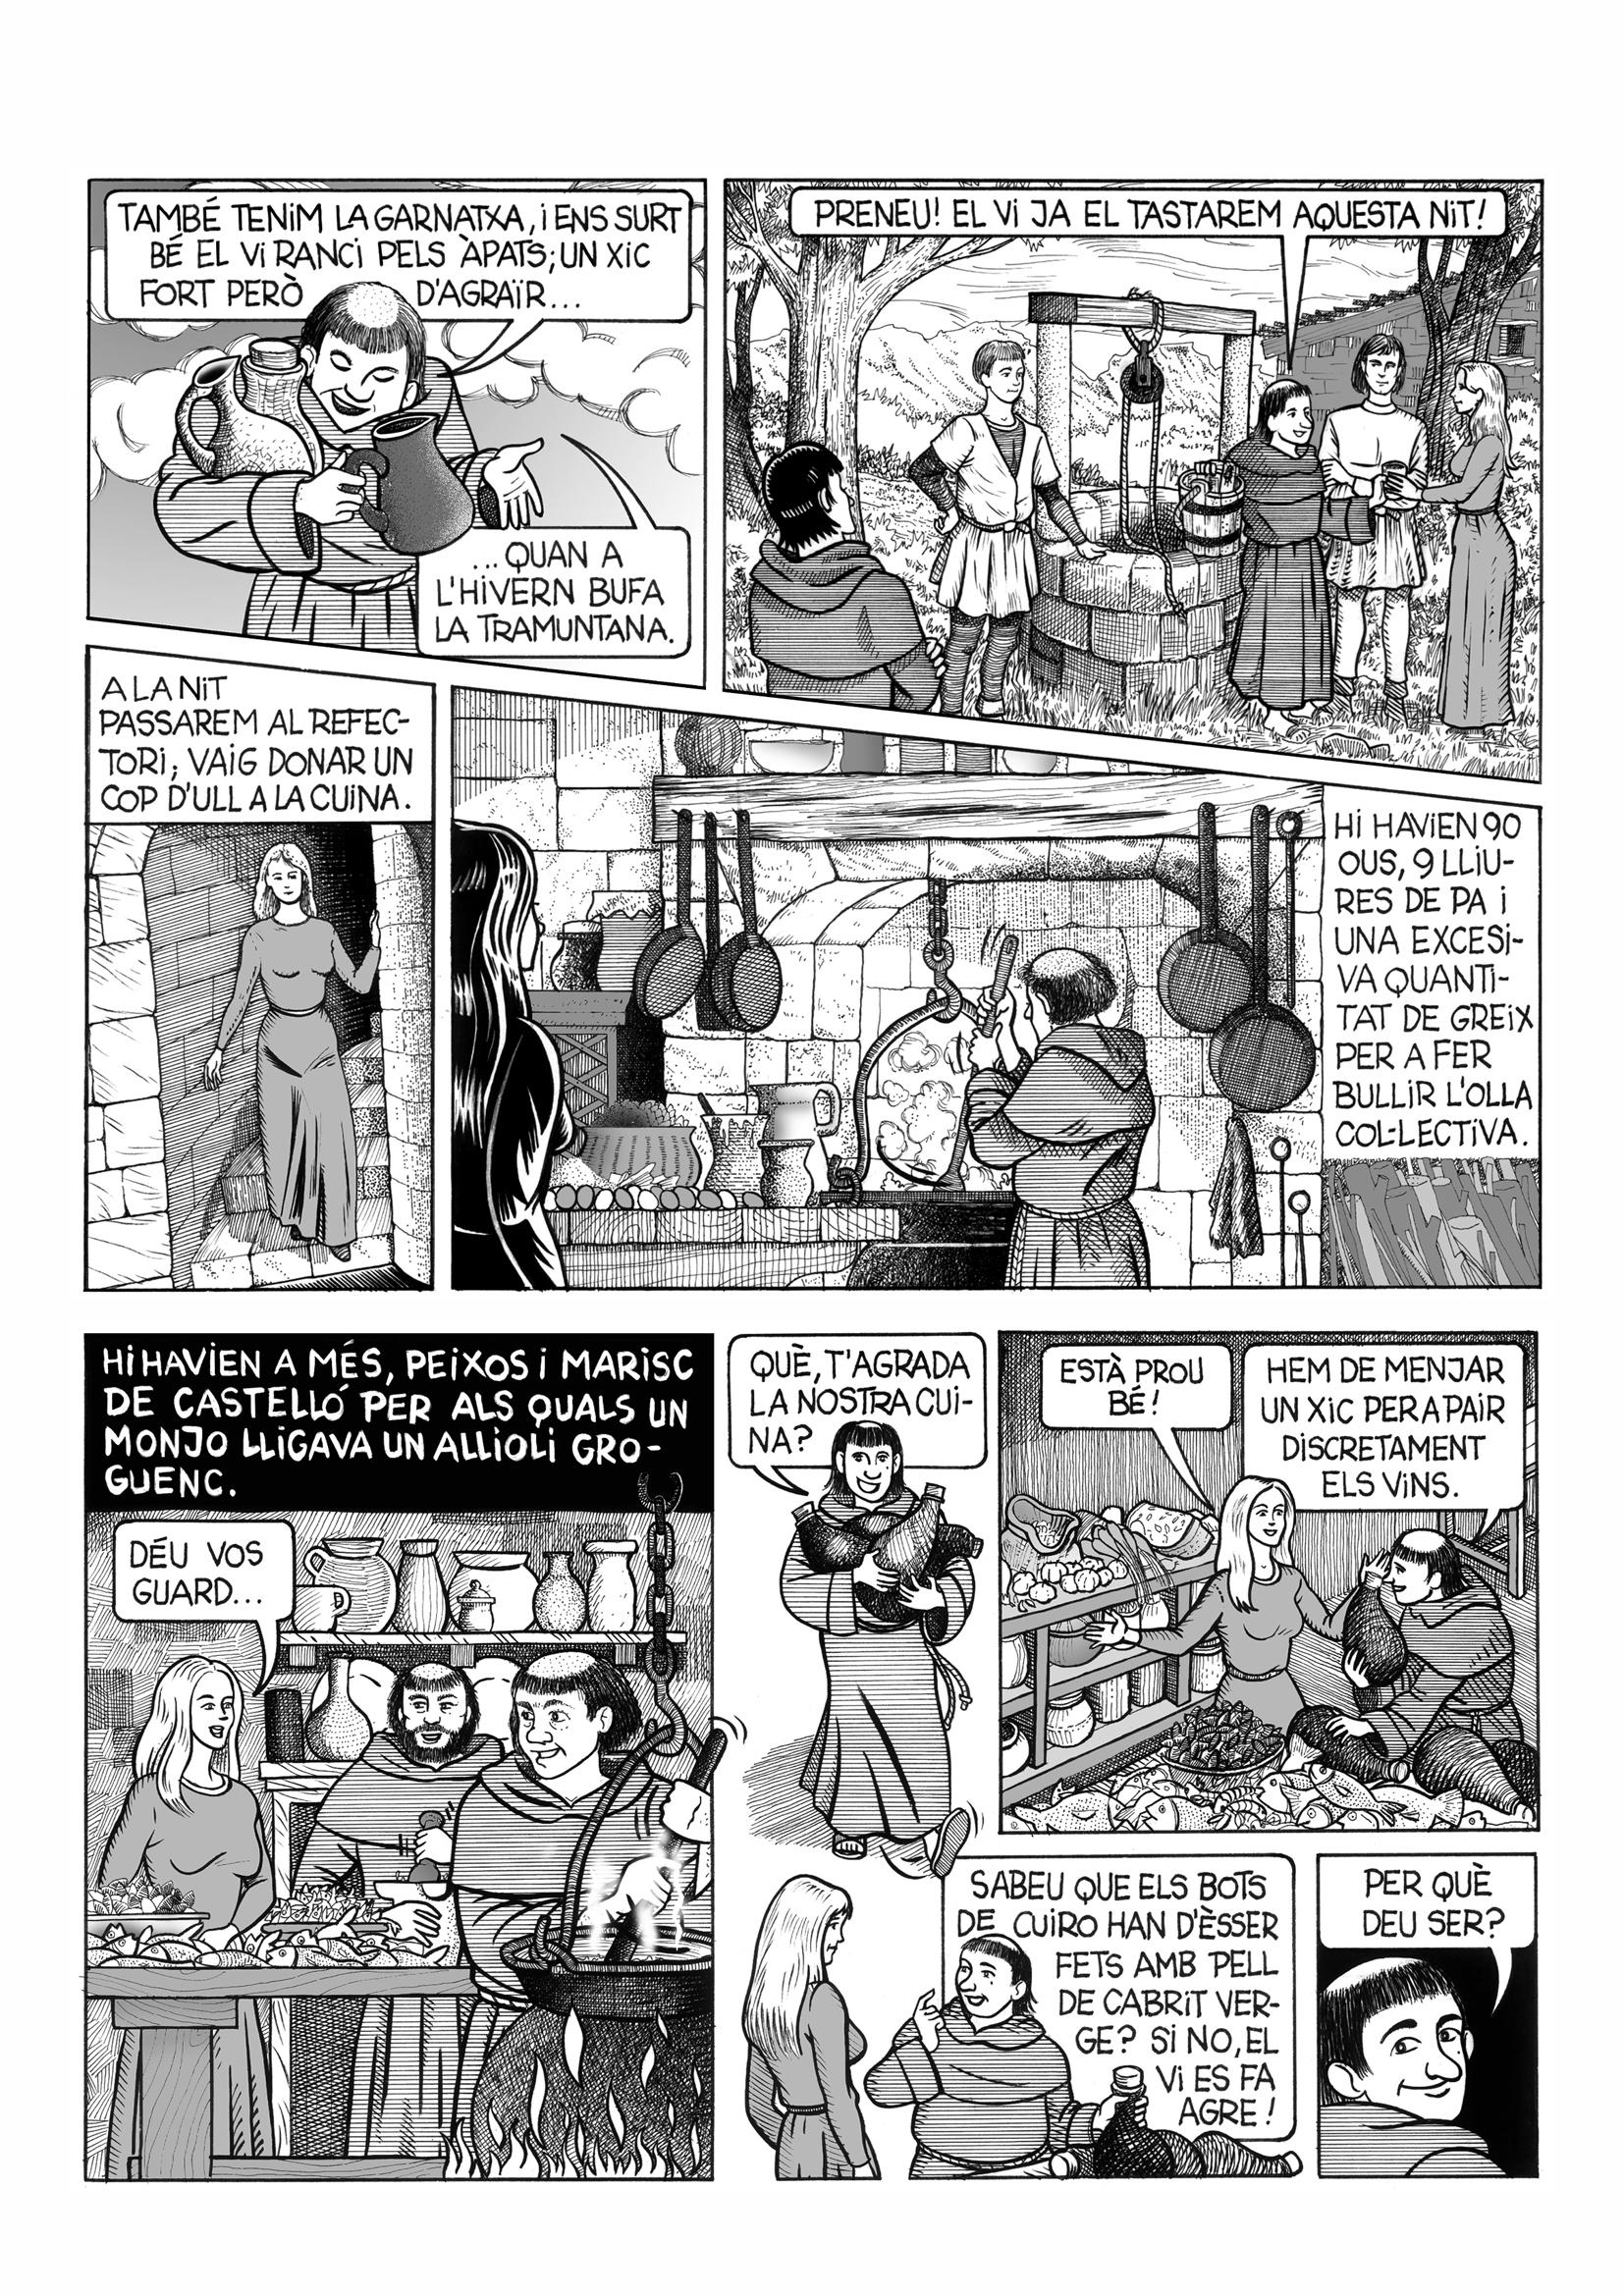 20.10.2002 Pàgina del projecte d'adaptació en còmic de la novel·la Cercamon, de Ll. Racionero. Capítol III. Any 2002                                Sant Miquel de Cuixà -  Jordi Bibià